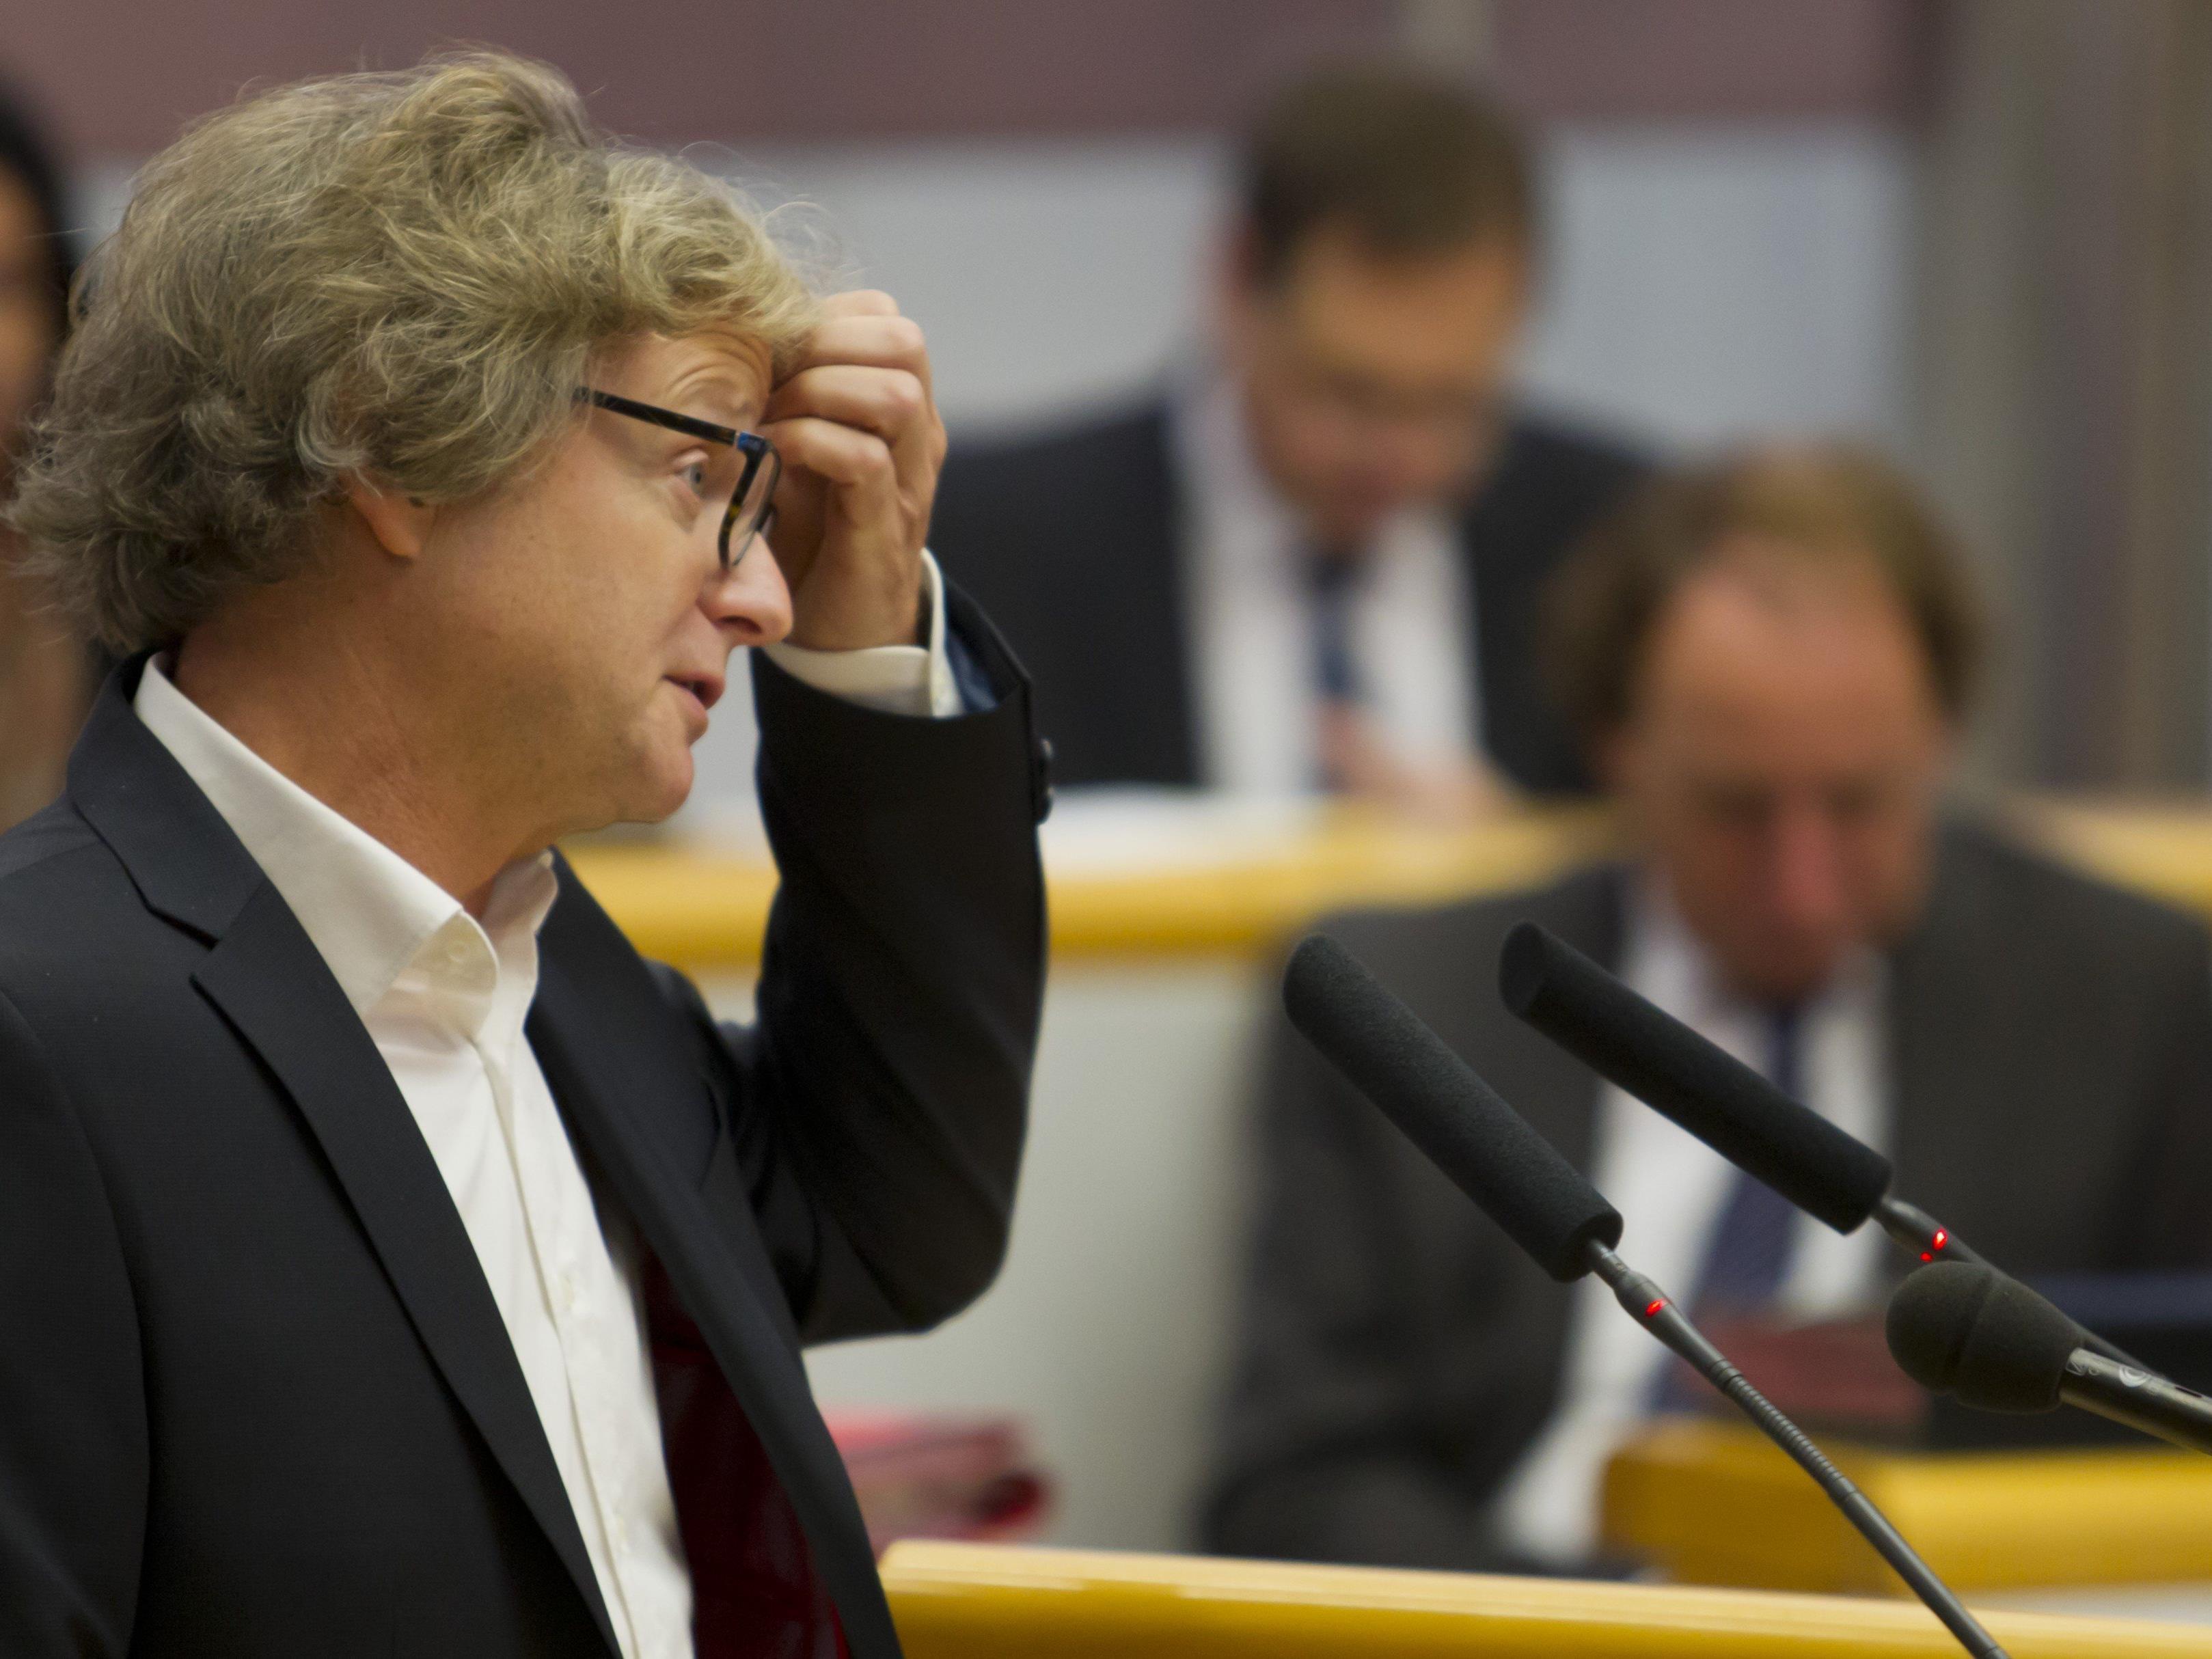 Grünen-Klubobmann Adi Gross zeigt sich besorgt ob der Entwicklung rechtsextremer Straftaten in Vorarlberg.